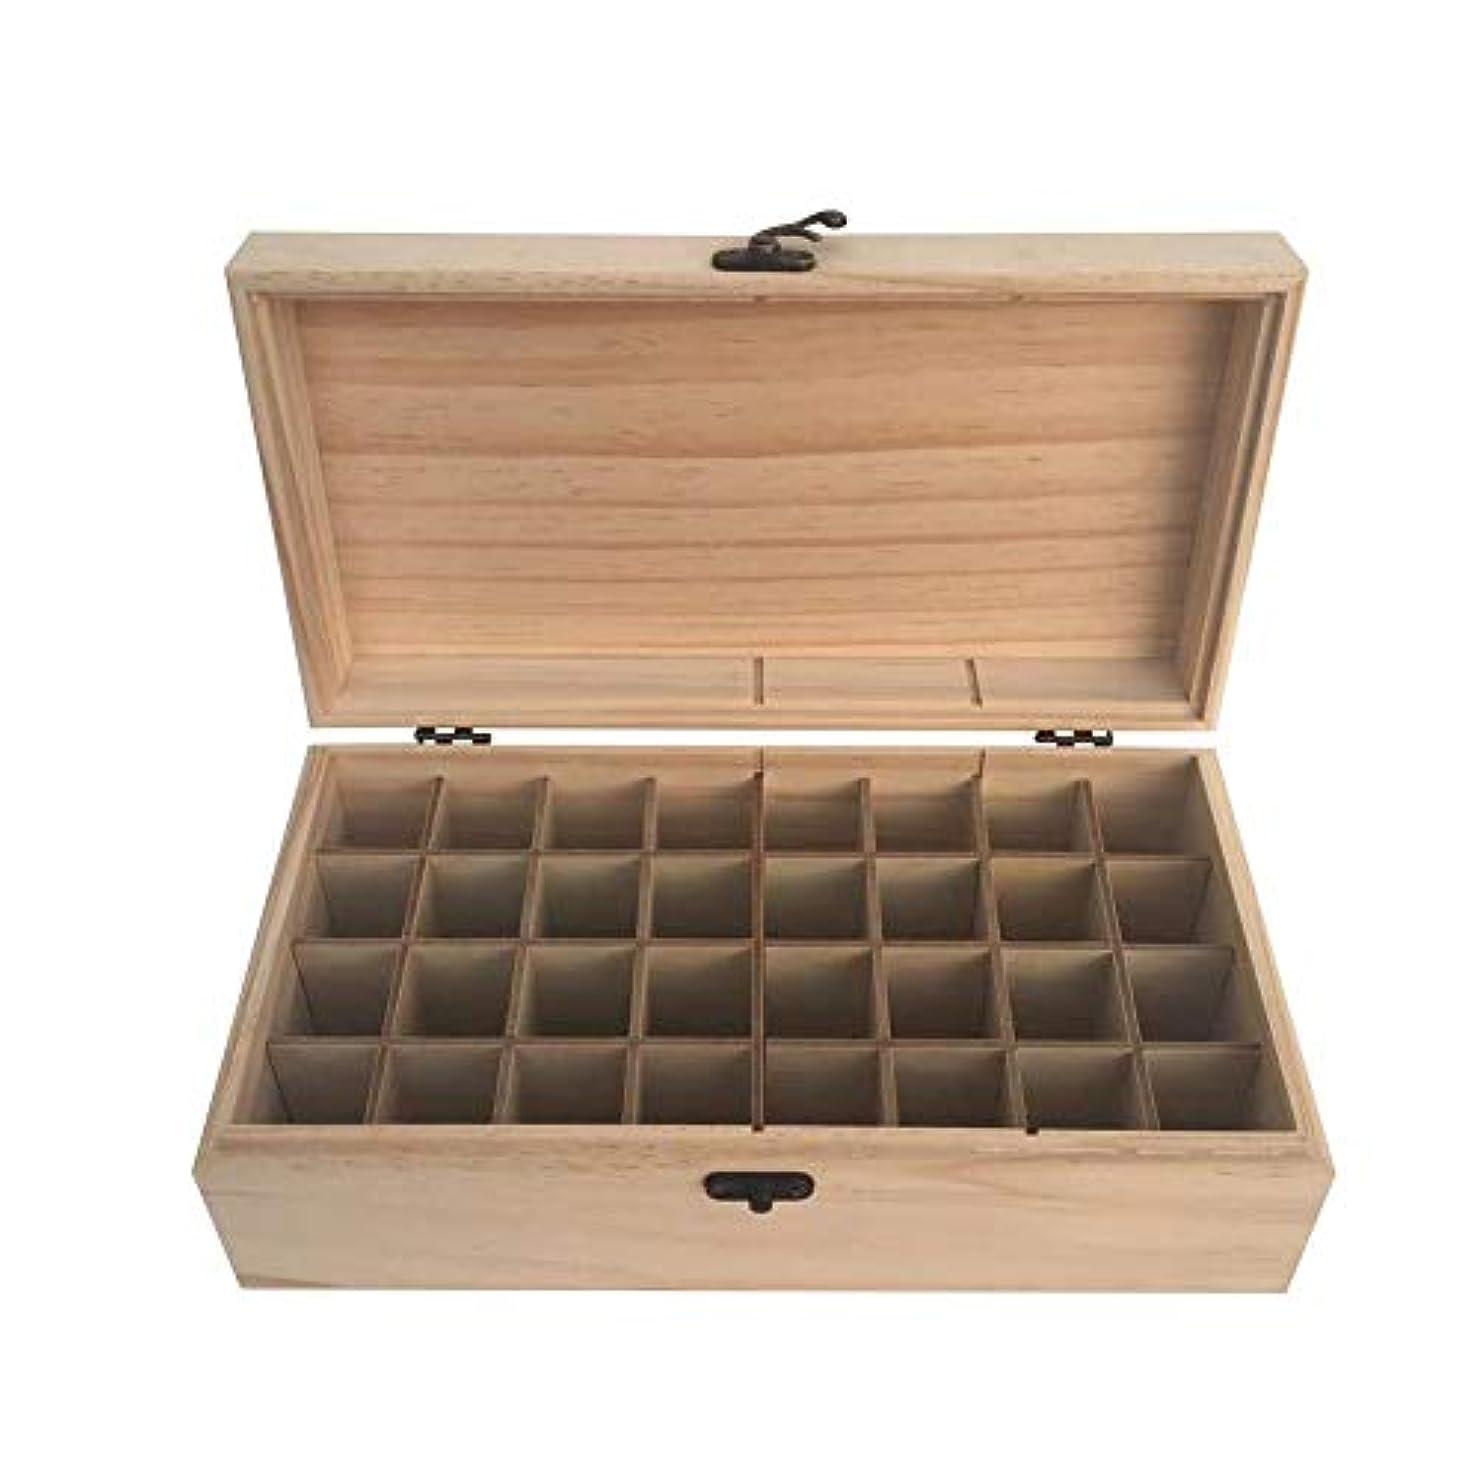 インシュレータベルトペニーエッセンシャルオイル収納ボックス 精油収納ケース 大容量 32本収納可能 取り外し可能 木製 環境に優しい 5ml~15mlの精油ボルトに対応 junexi